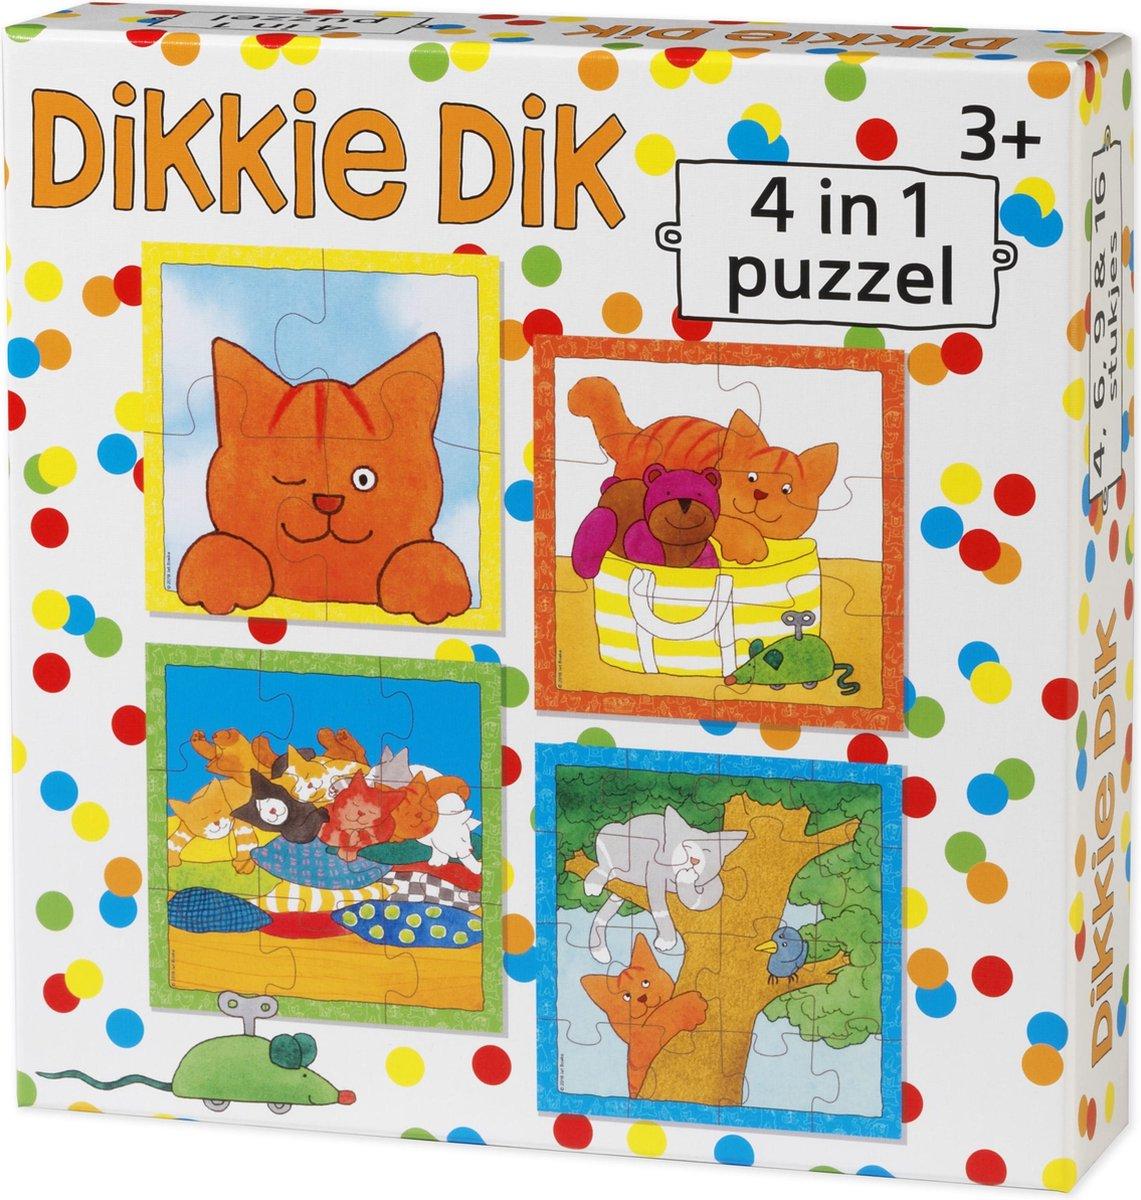 Dikkie Dik - 4in1 puzzelset - 4+6+9+16 stukjes - kinderpuzzel